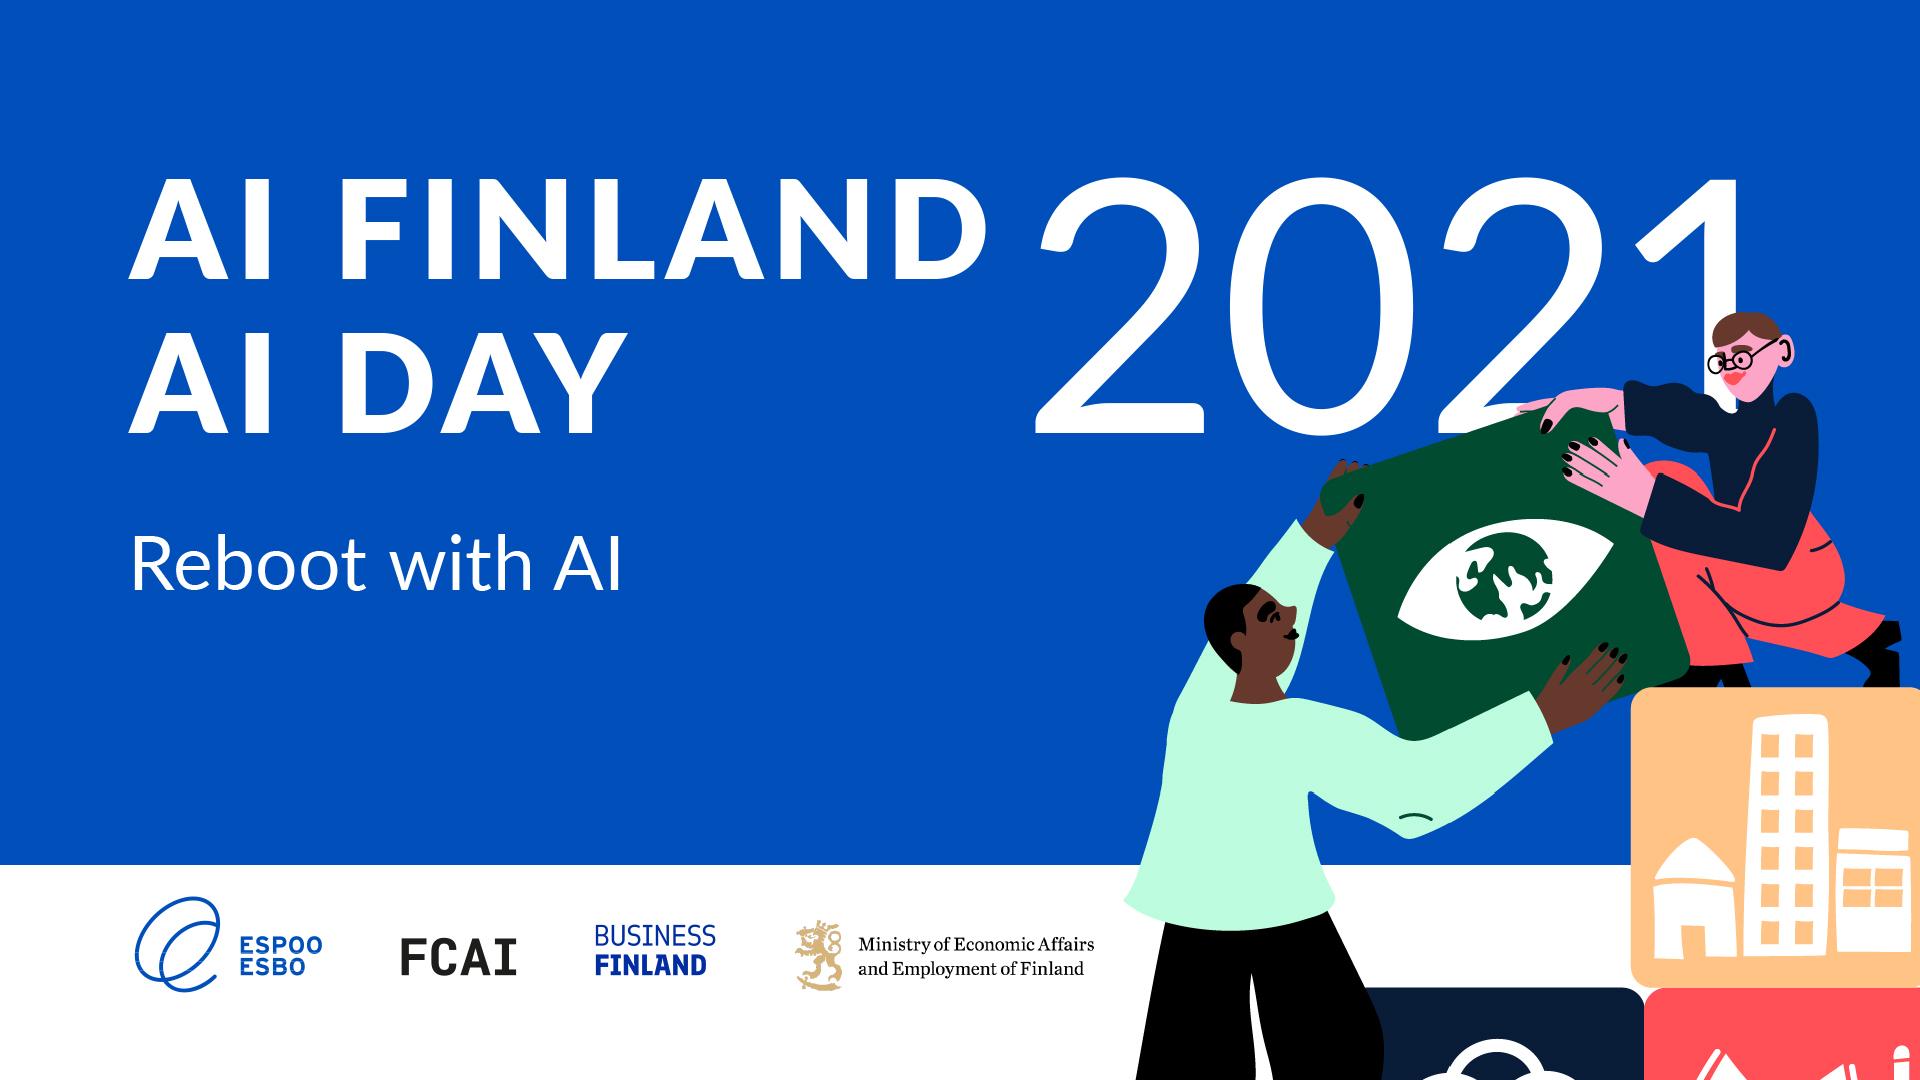 AI Finland & AI Day 2021 -tapahtuman järjestäjiä ovat Espoon kaupunki, FCAI, Business Finland sekä työ- ja elinkeinoministeriö. Kuvan alareunassa järjestäjien logot.